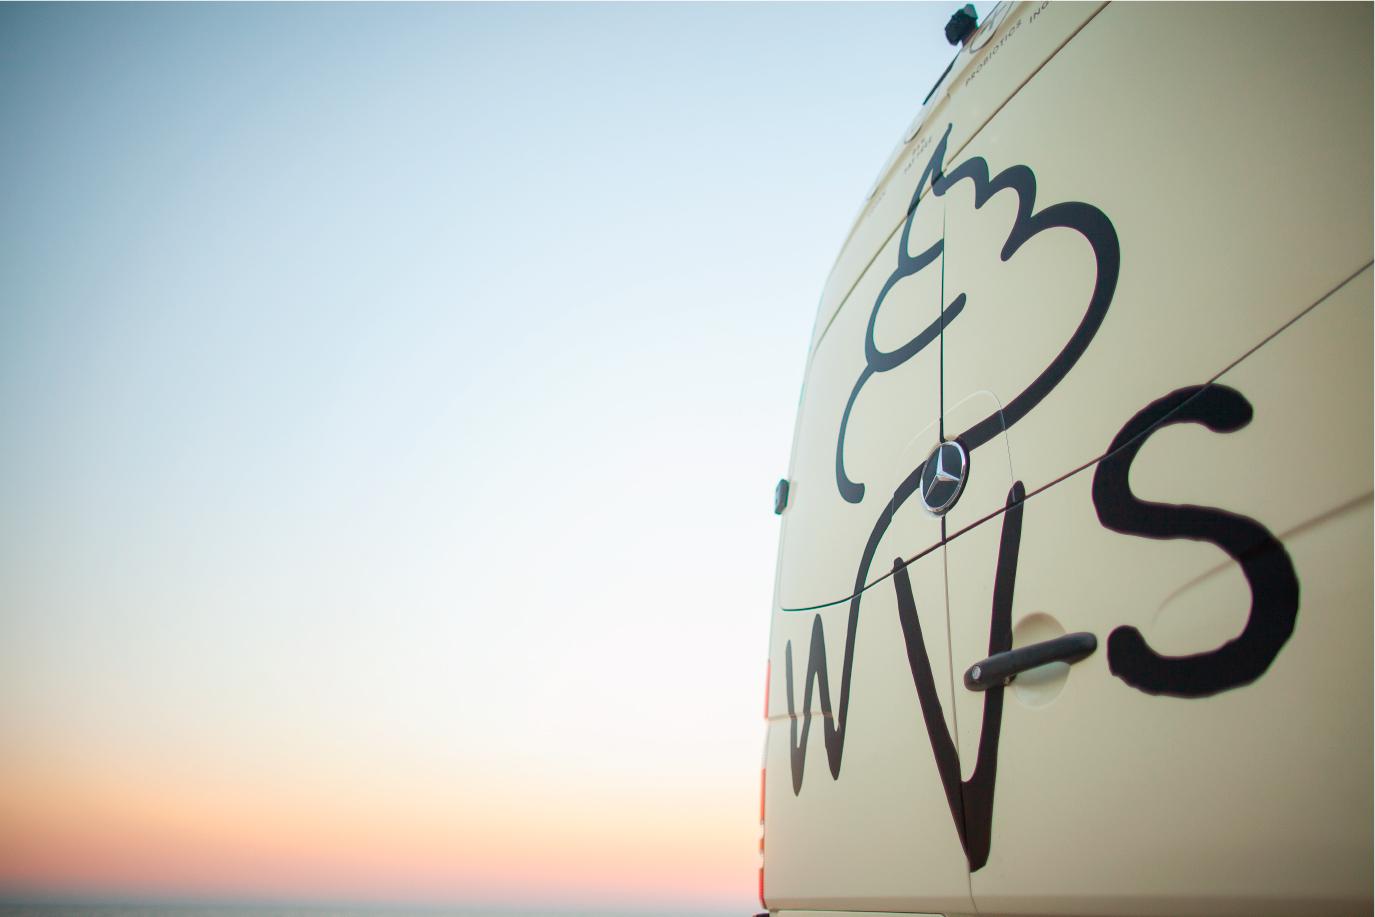 whip-van-sprinkle-food-truck-logo-food-graphic-designer-sydney-6